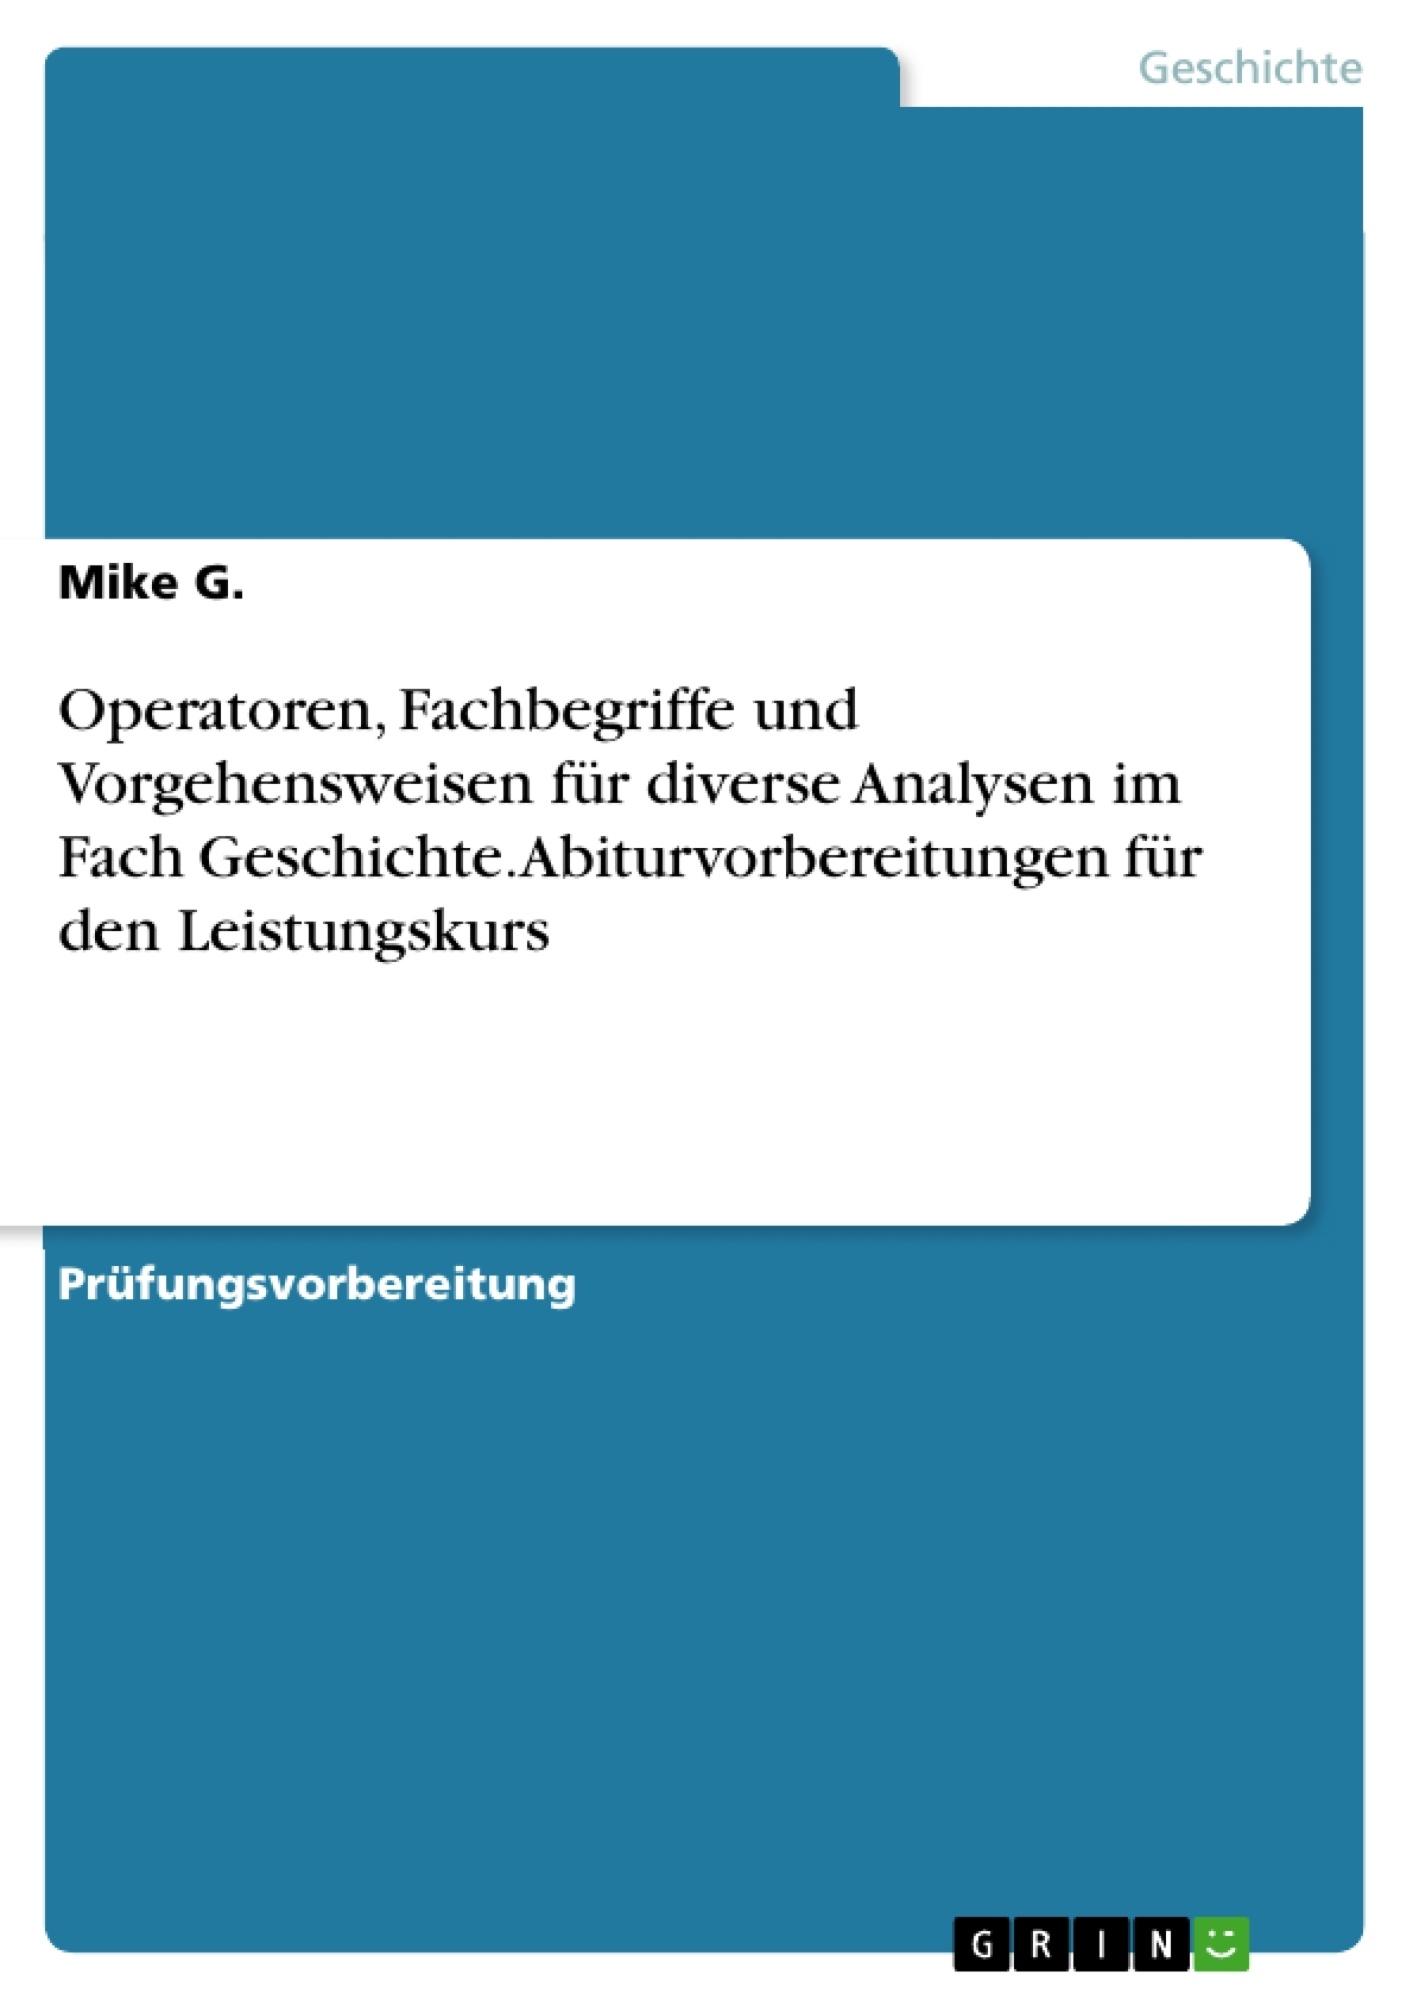 Titel: Operatoren, Fachbegriffe und Vorgehensweisen für diverse Analysen im Fach Geschichte. Abiturvorbereitungen für den Leistungskurs